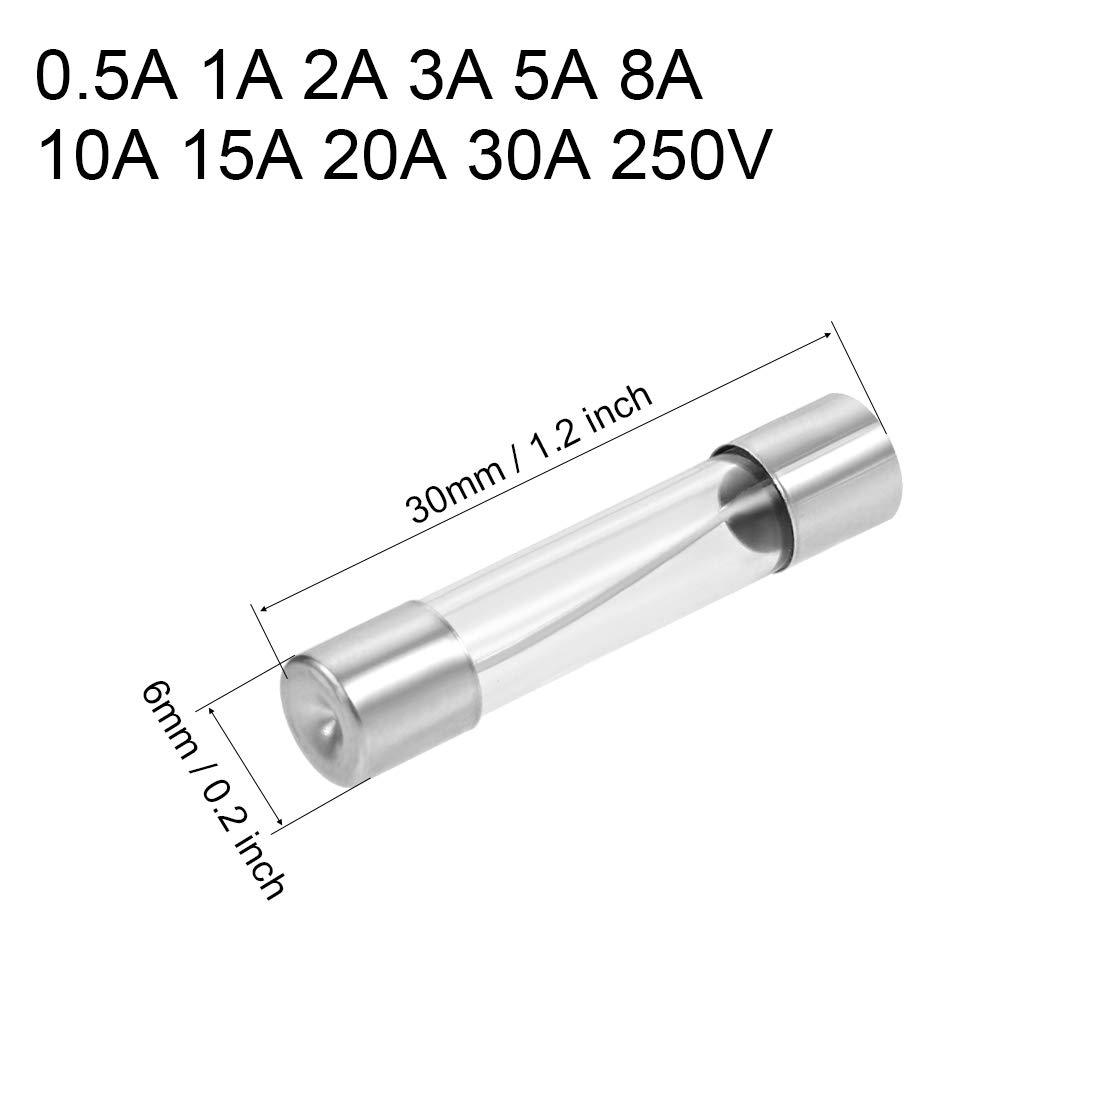 Kfz-Sicherungen 15A DC 32V Auto Stereo Audio Alarm Verst/ärker 6x32mm sourcing map 5 STK